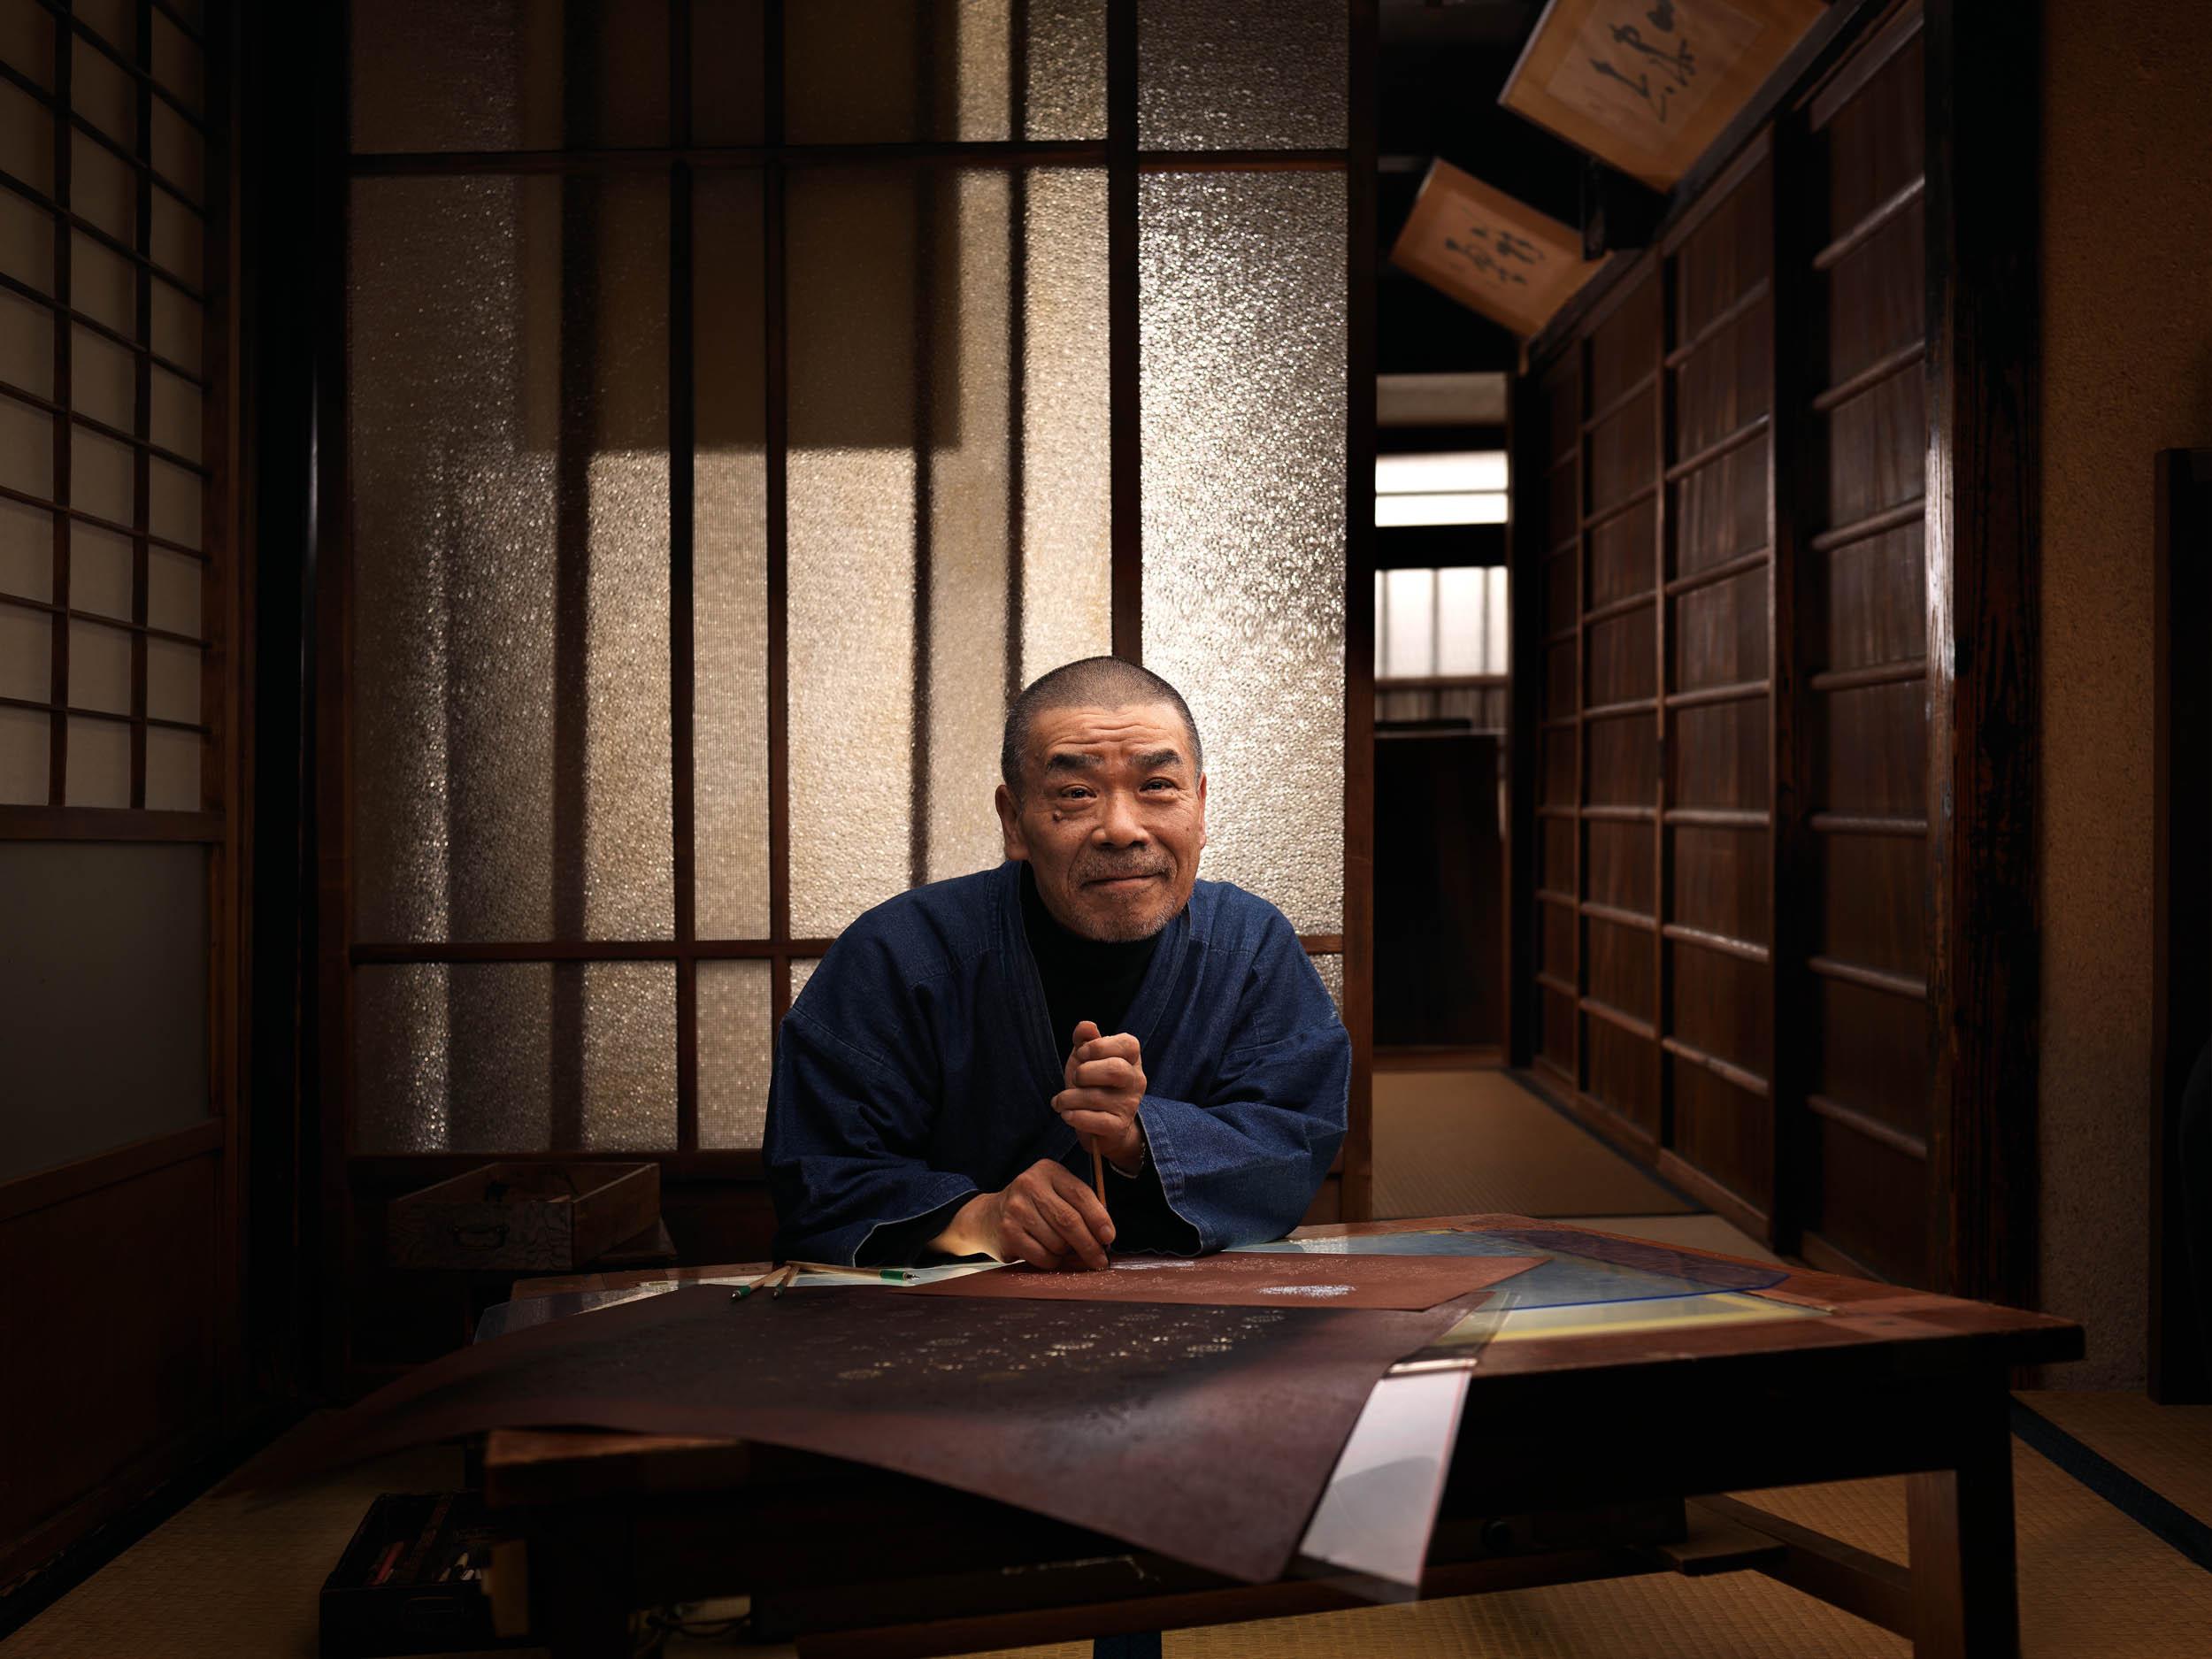 2018 09 17 - Takeshi Nishimura.jpg